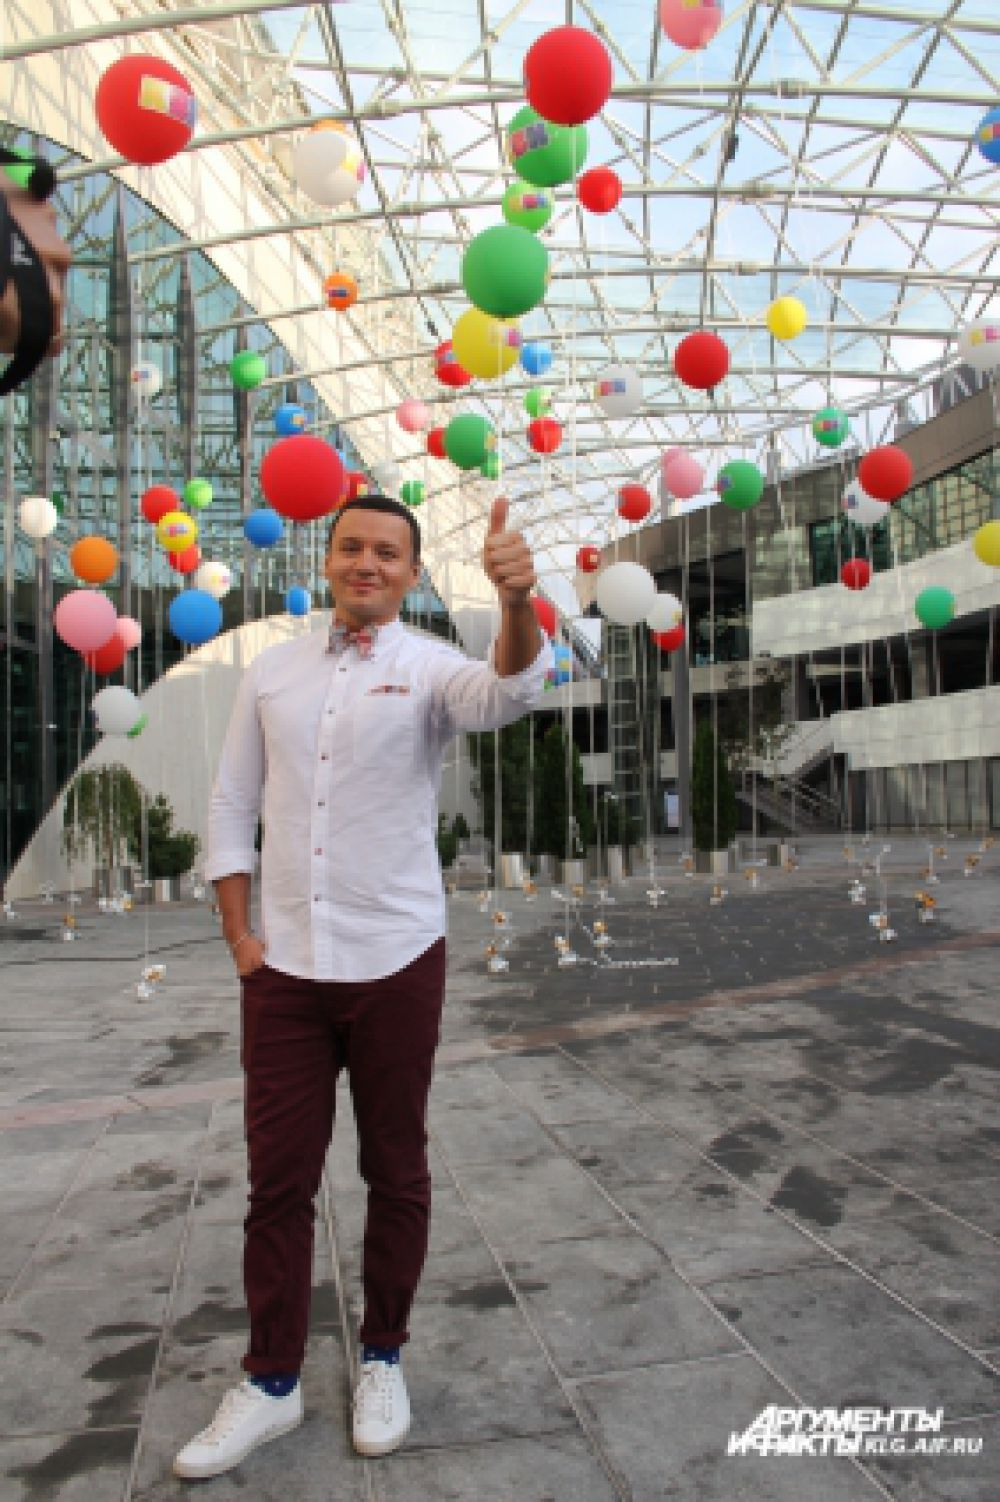 Александр Олешко признался, что даже не мечтал о том, что о нем будут шутить в КВН, о том, что он когда-нибудь будет сидеть в жюри фестиваля.